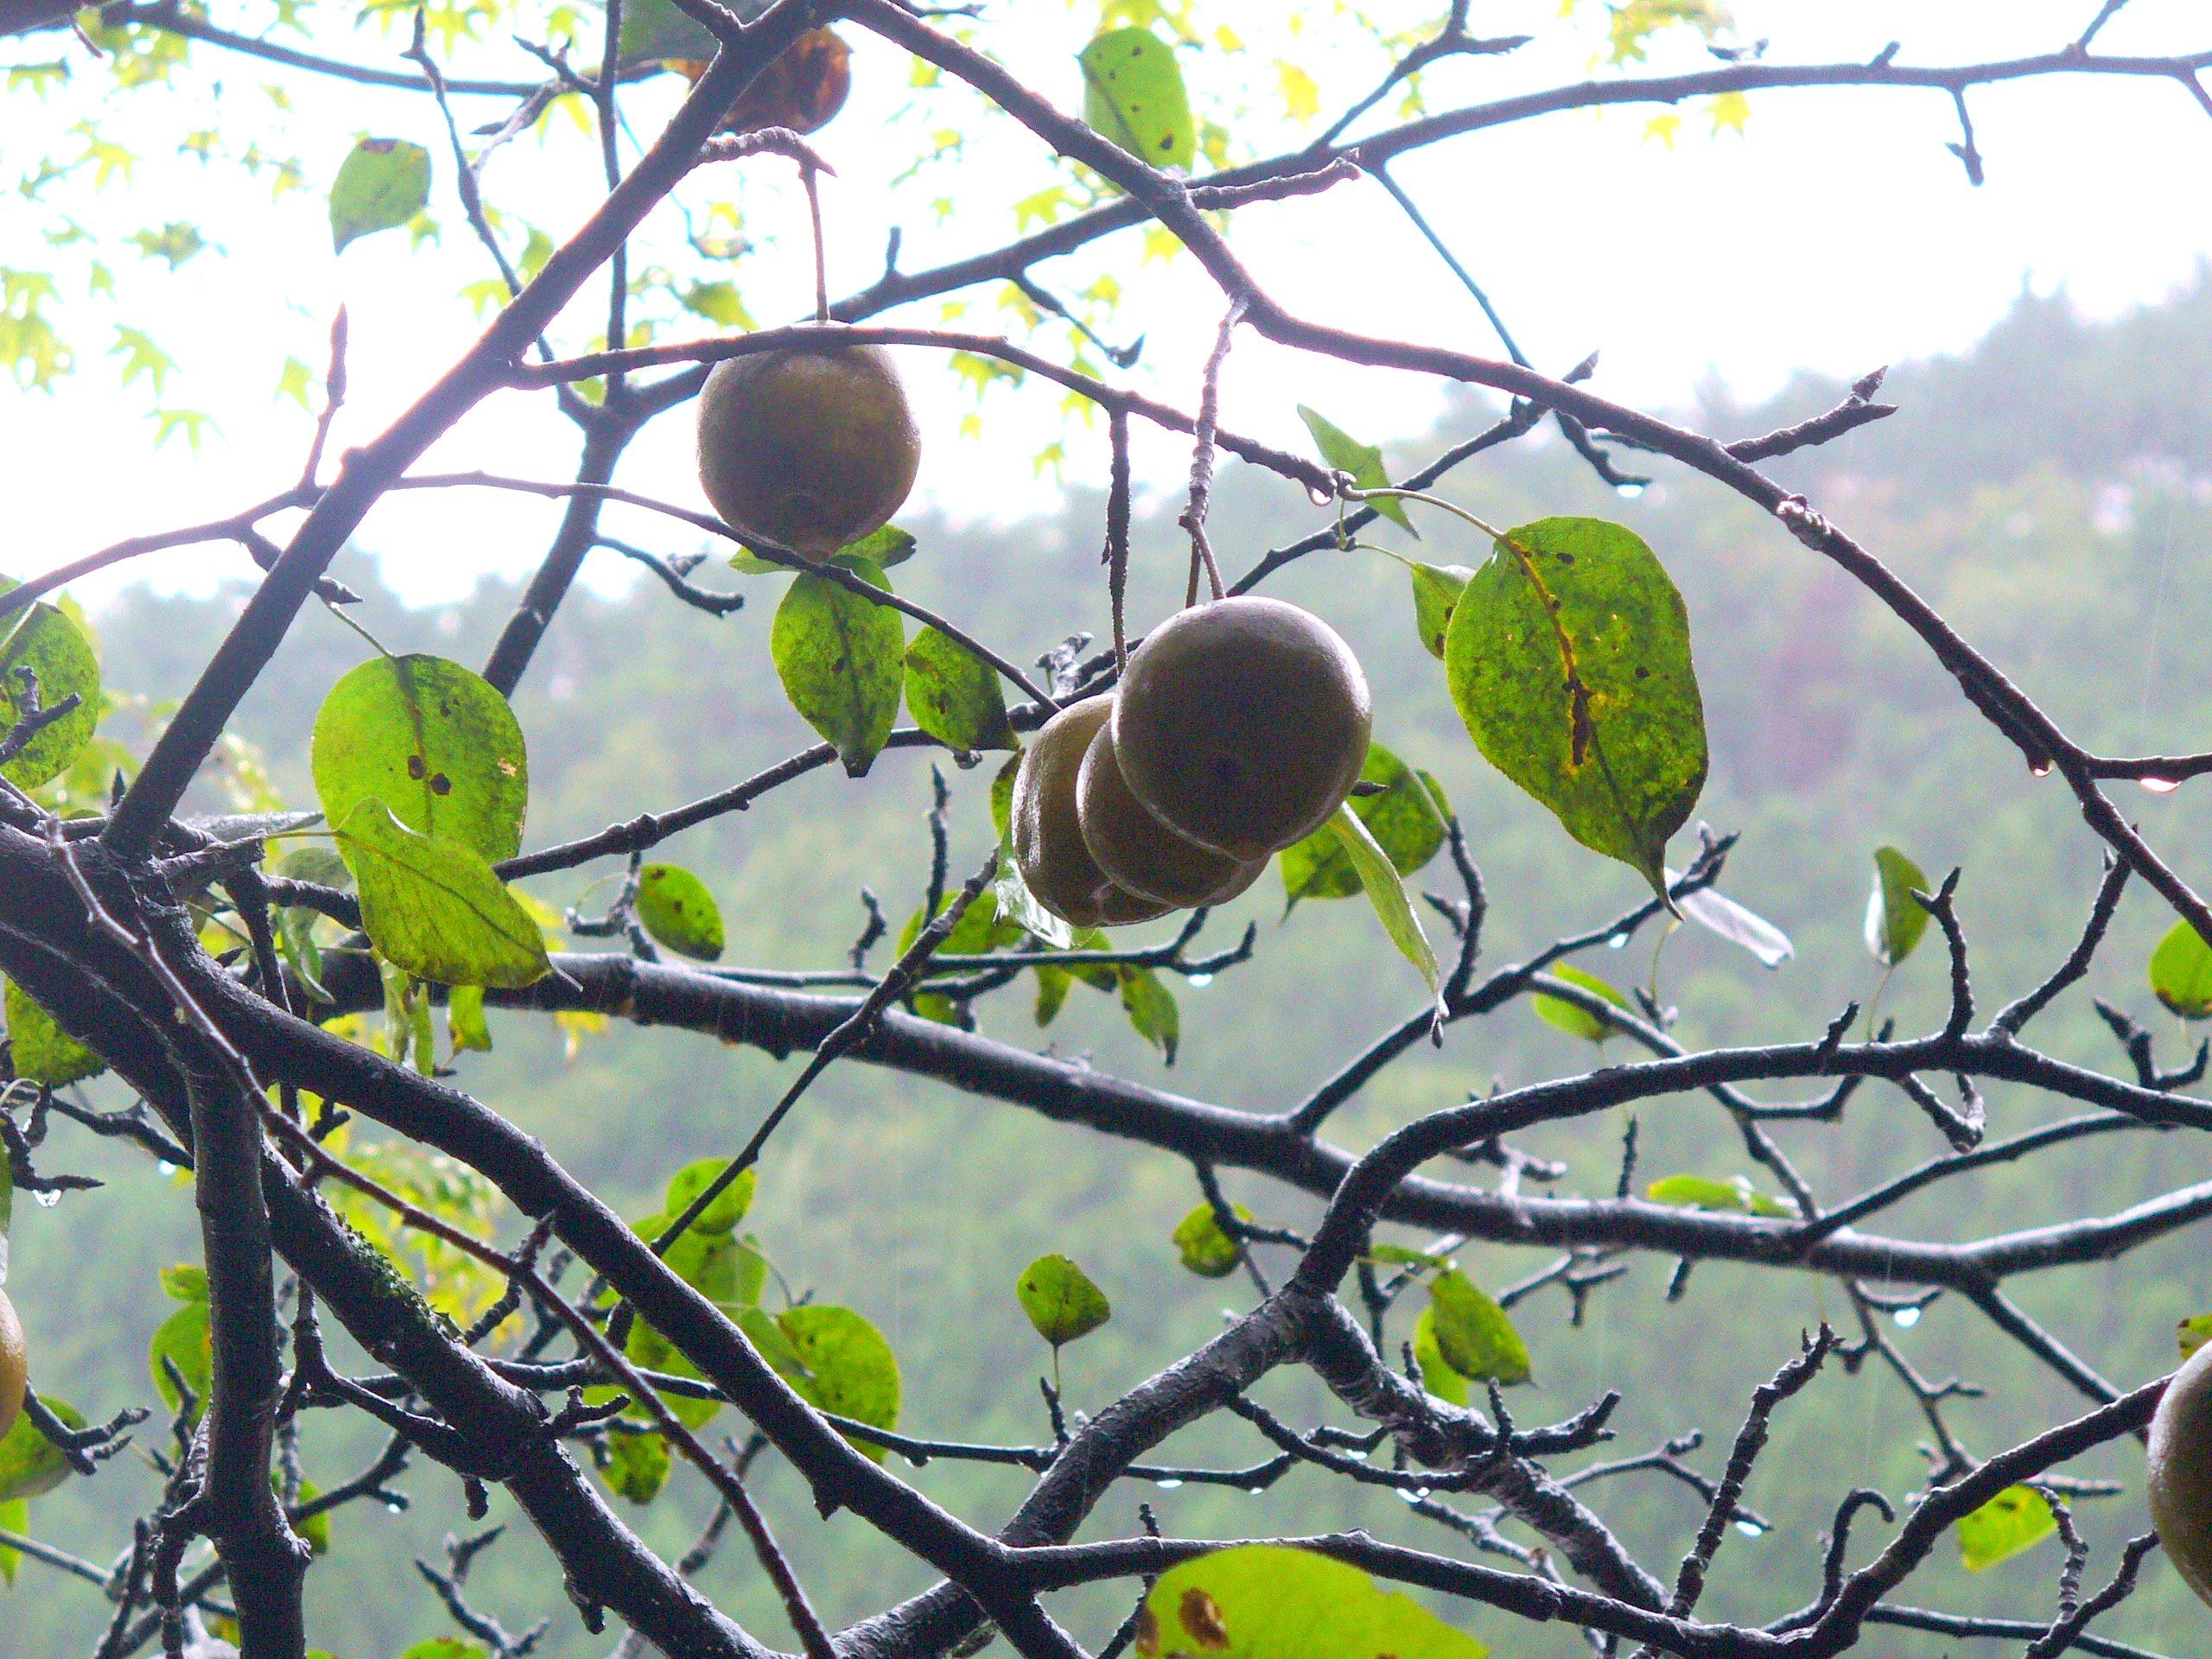 雨に濡れる、ヤマナシの実。